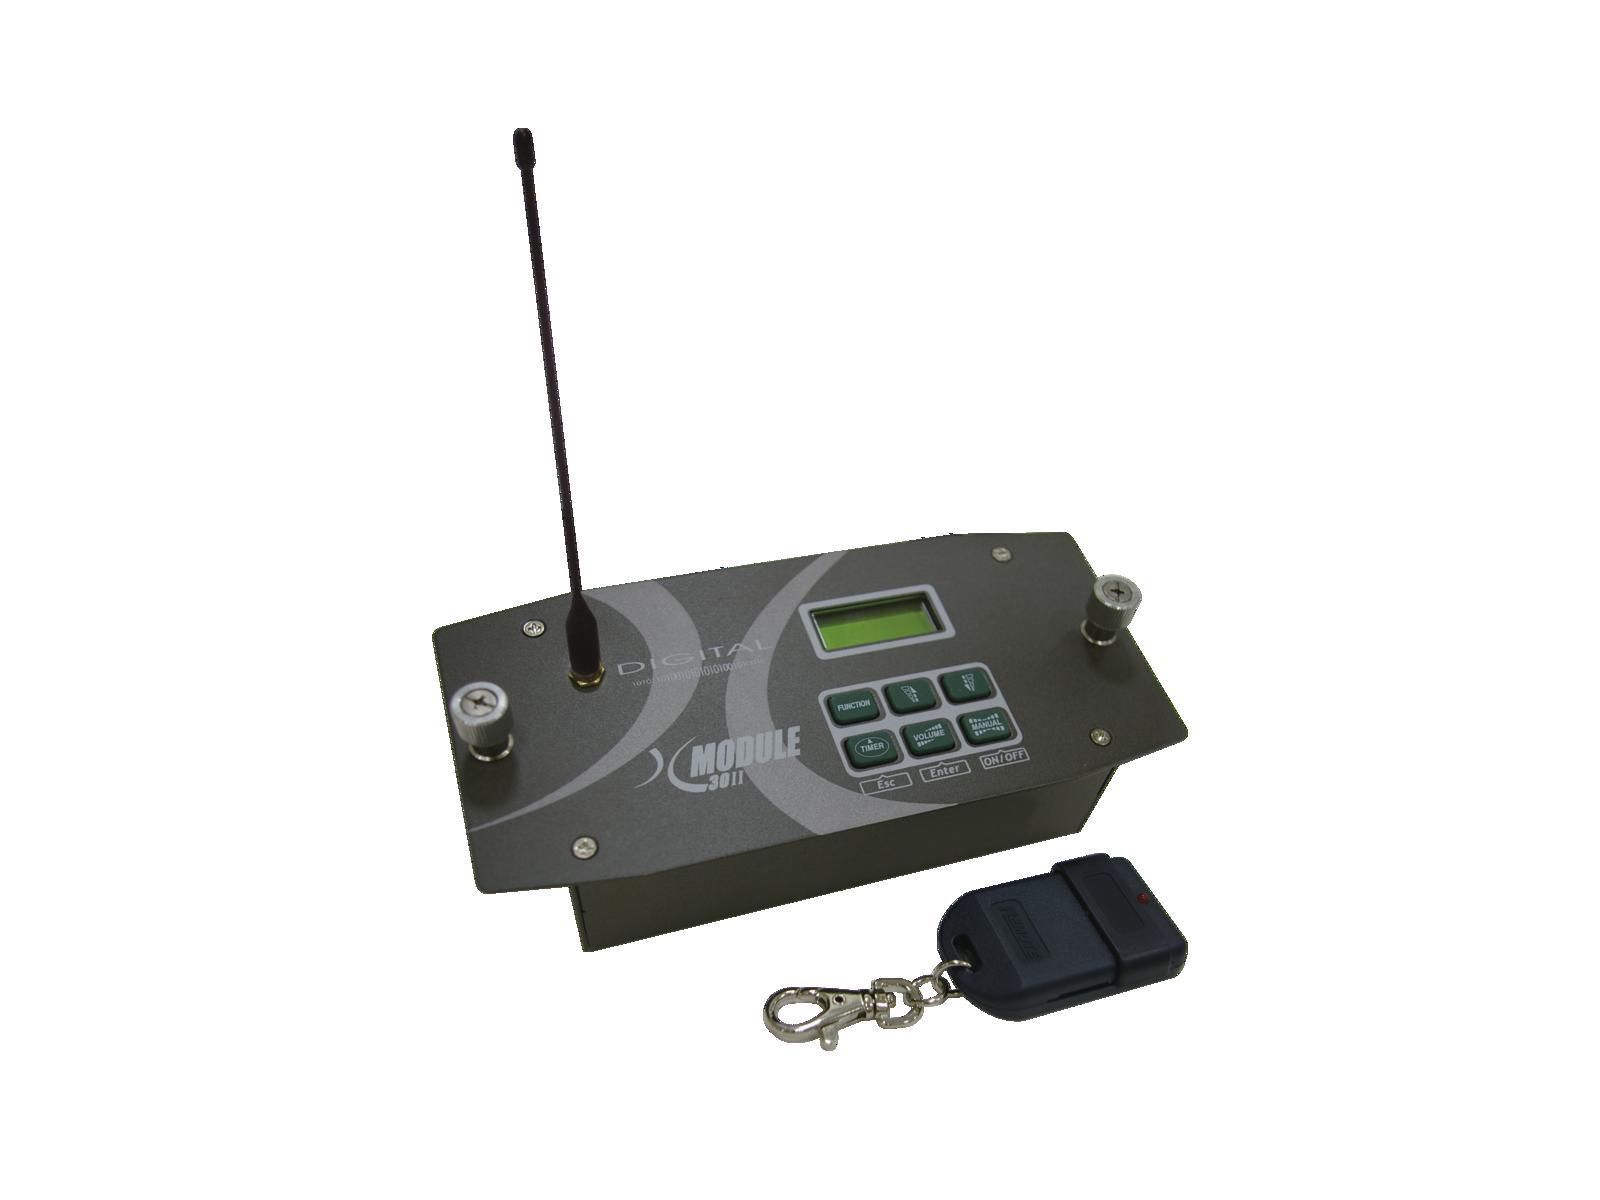 Telecomando Wireless Per Antari X series REV3 Controller X-30 MK